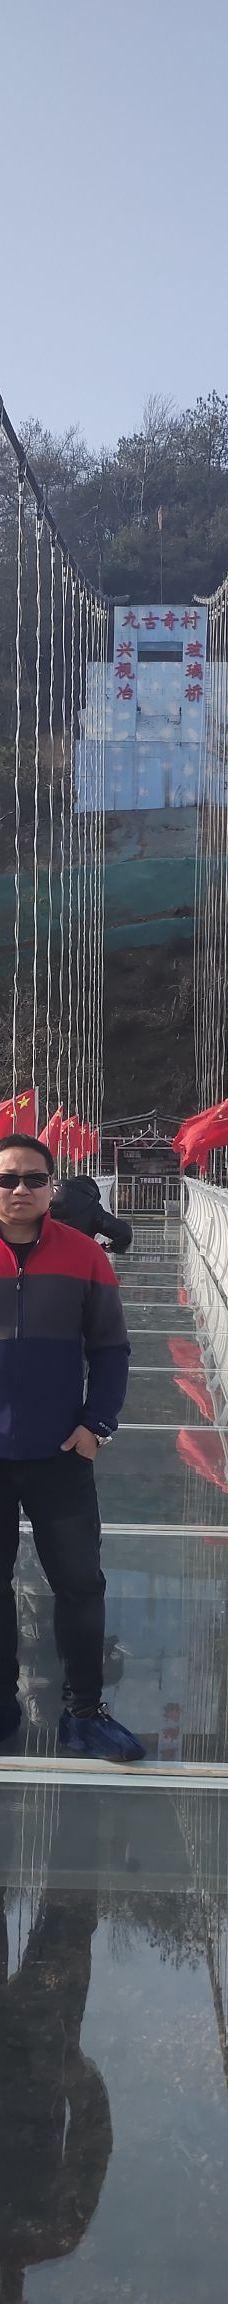 上冯九古奇村-大冶